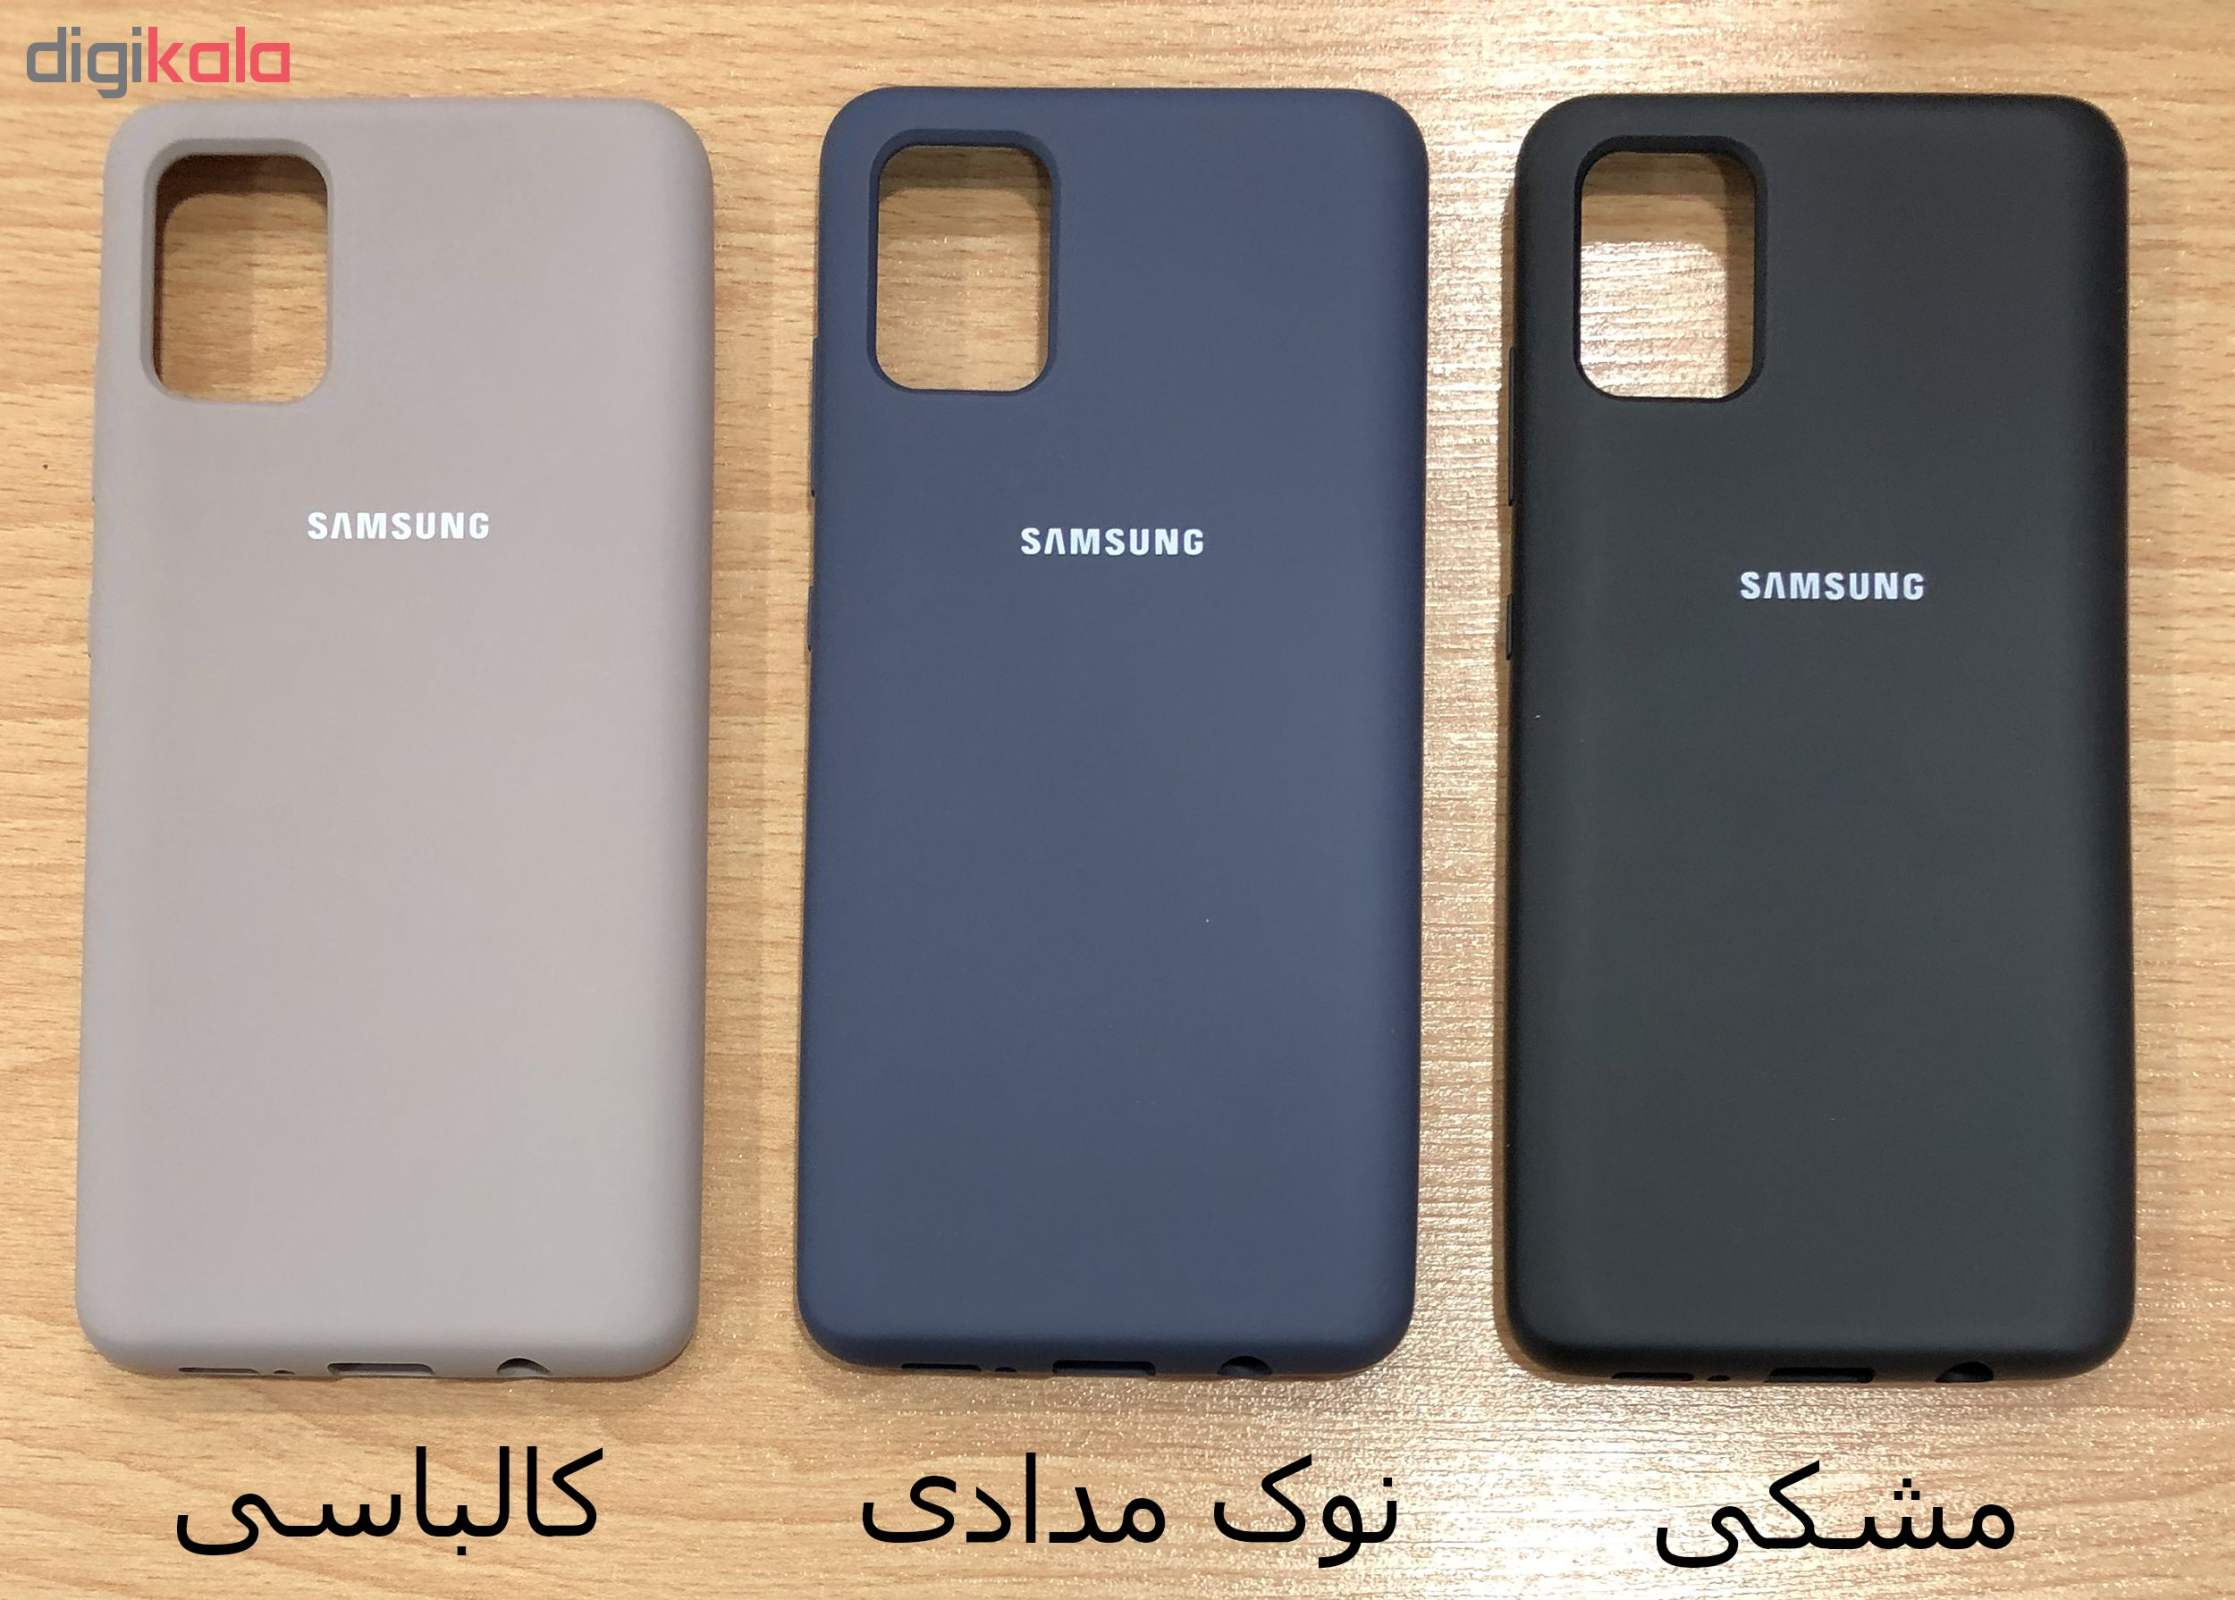 کاور مدل SIL-003 مناسب برای گوشی موبایل سامسونگ Galaxy A51 main 1 4